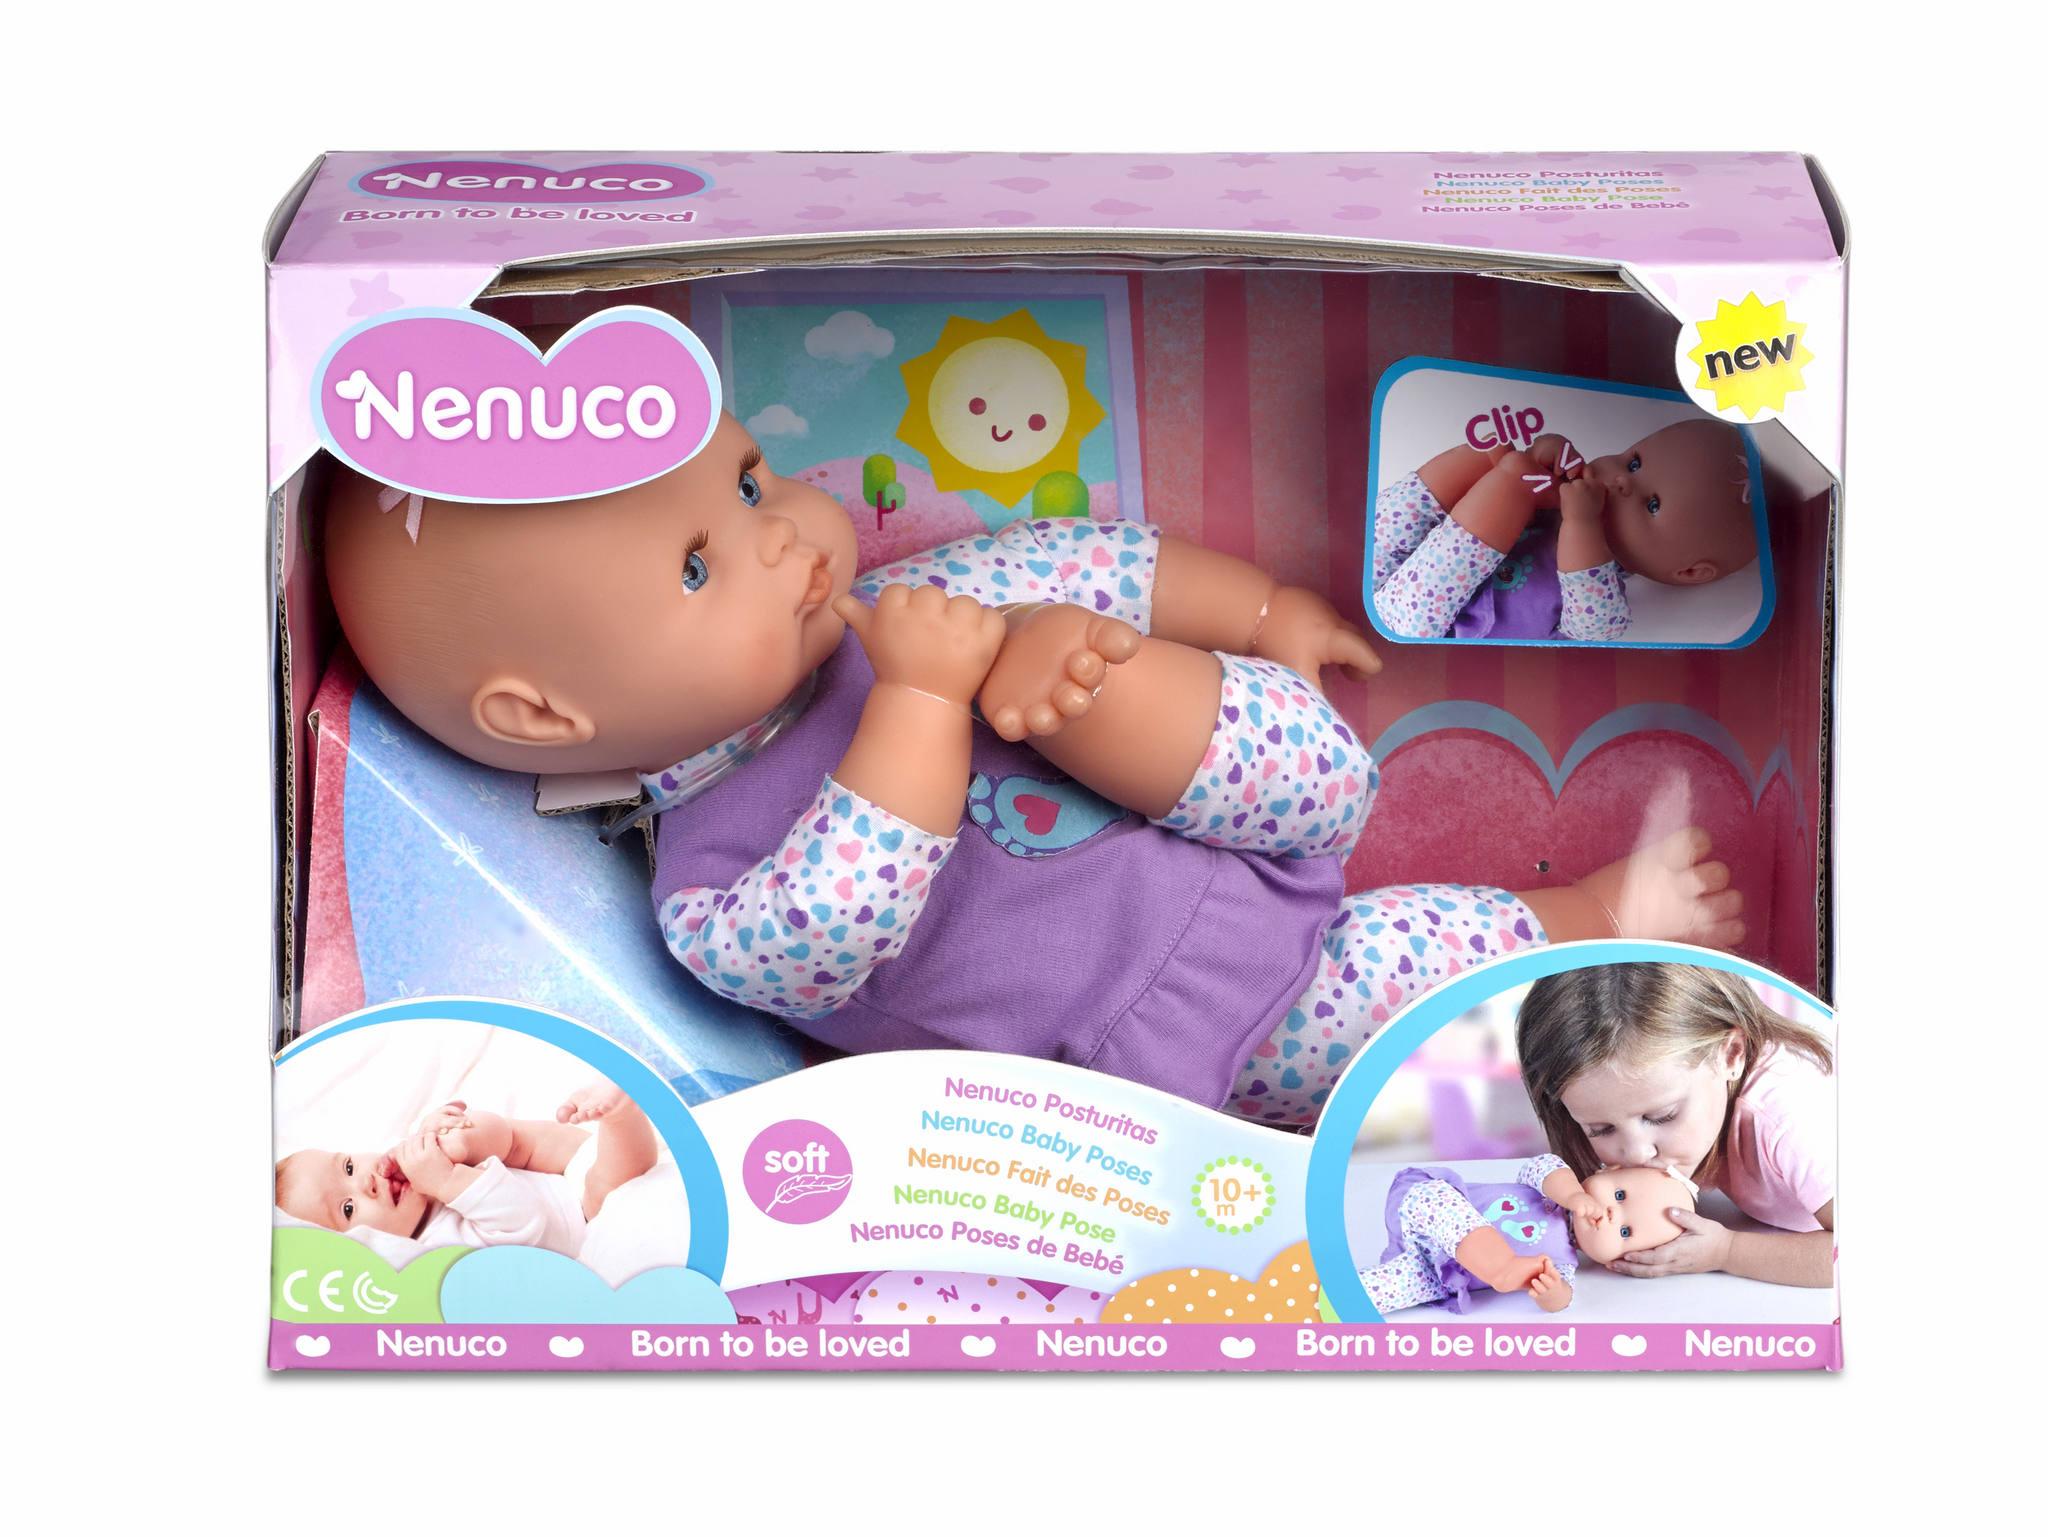 NENUCO POSTURITAS 14776 - V20719